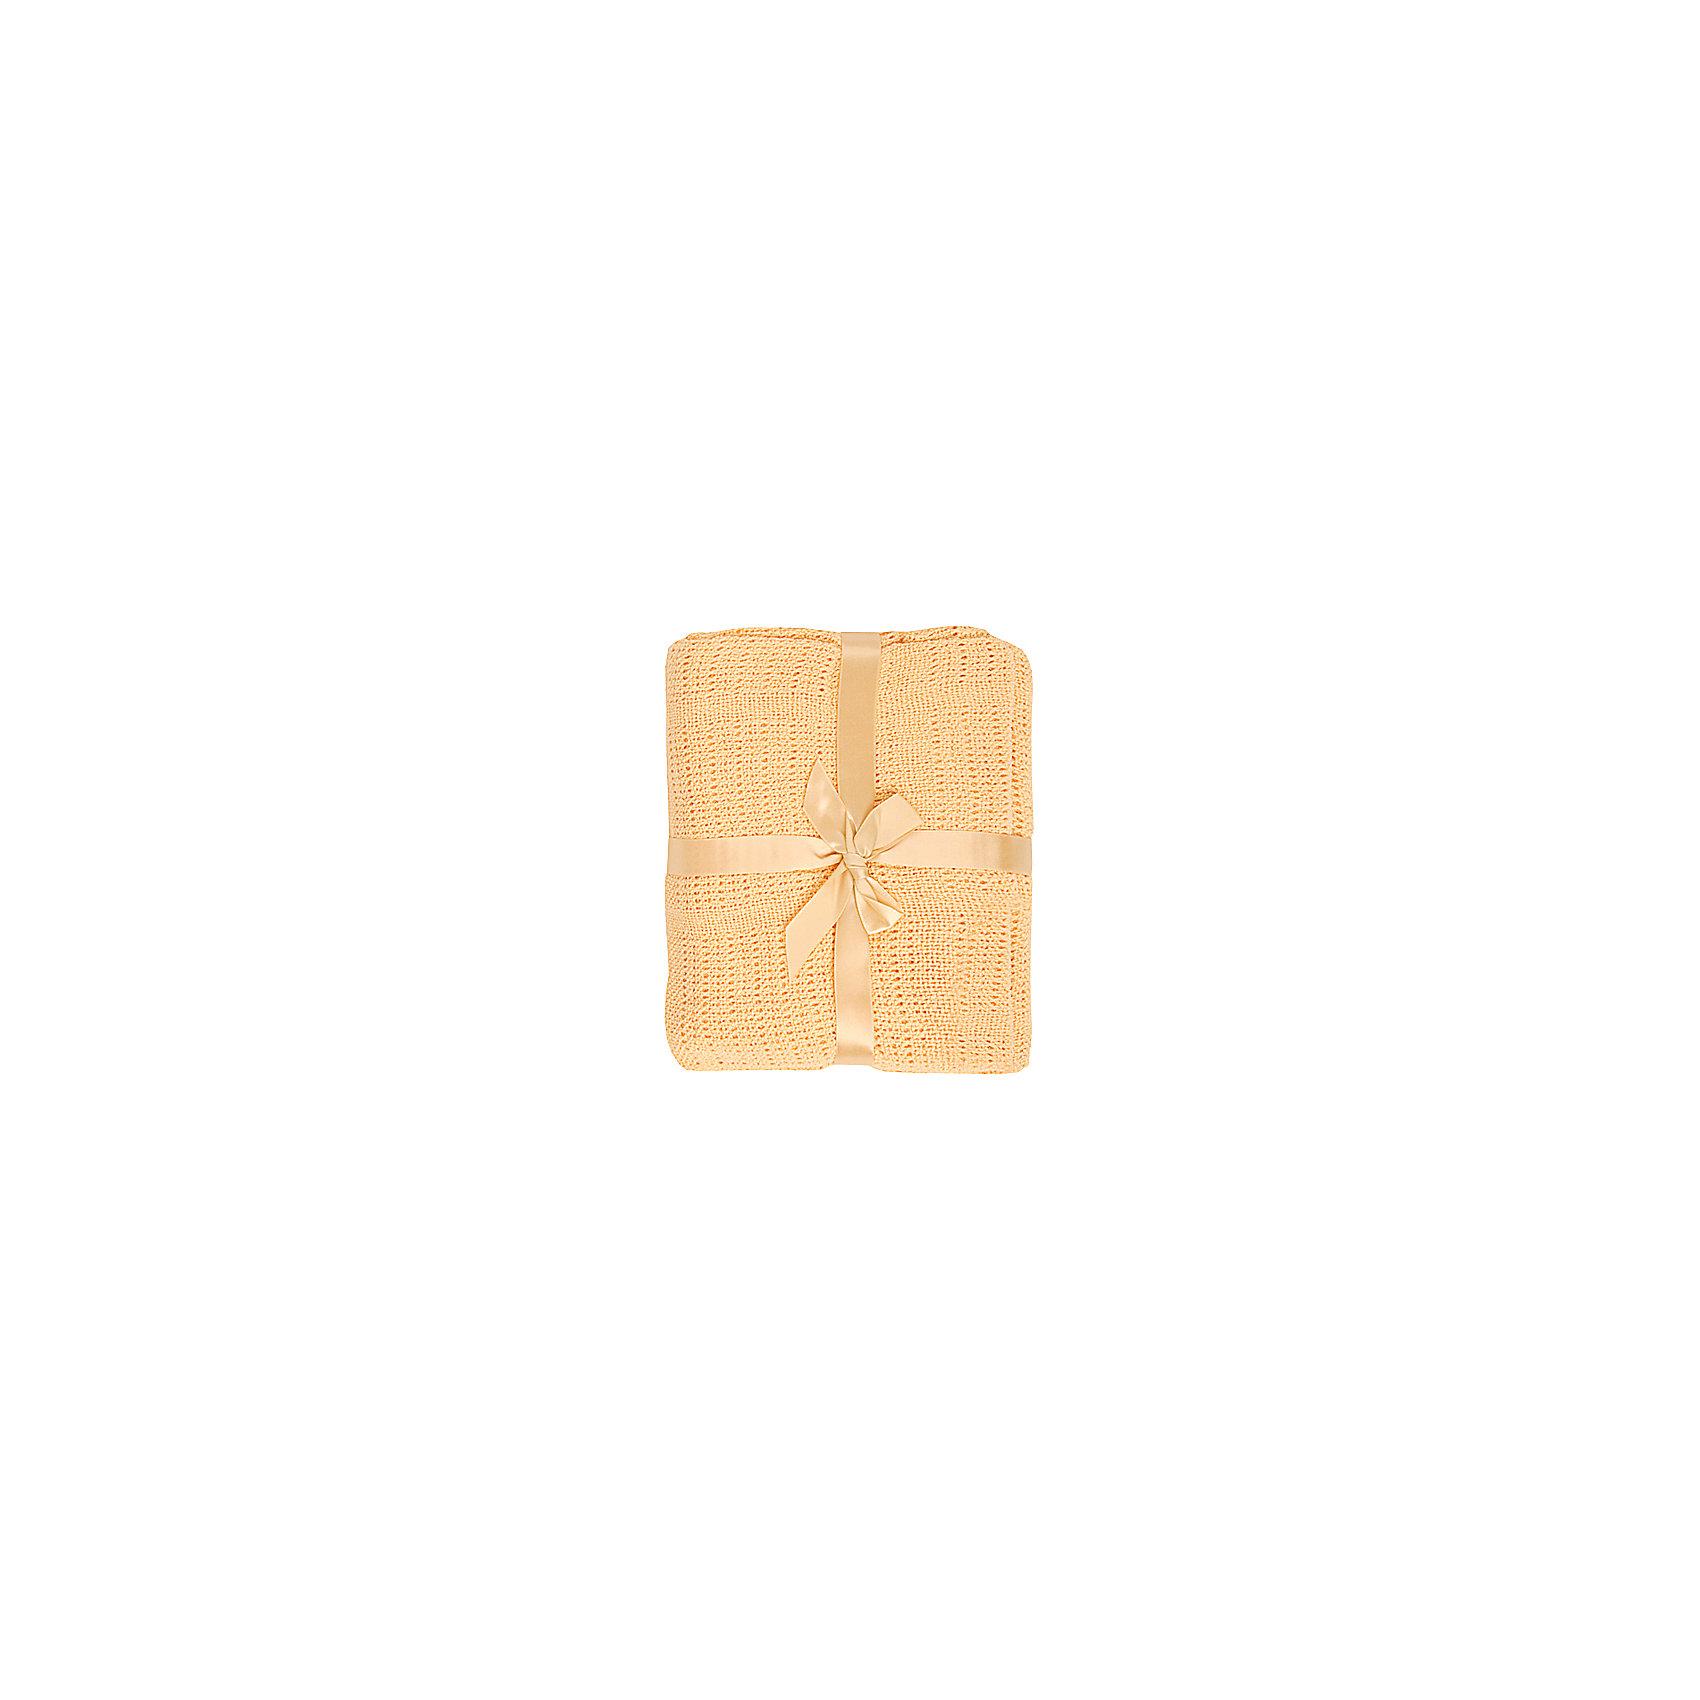 Одеяло детское вязанное 90х120 Baby Nice, желтыйОдеяла, пледы<br>Мягкое вязаное одеяло можно использовать дома или же на улице. Изготовлено из натурального хлопка, прекрасно пропускает воздух и сохраняет тепло, гипоаллергенно. Одеяло имеет нежную расцветку и очень приятно наощупь - идеальный вариант для малышей с самого рождения! <br><br>Дополнительная информация:<br><br>- Материал: хлопок 100%.<br>- Размер: 90х120 см.<br>- Цвет: желтый.<br><br>Одеяло детское вязаное 90х120 Baby Nice (Беби Найс), желтое, можно купить в нашем магазине.<br><br>Ширина мм: 20<br>Глубина мм: 5<br>Высота мм: 20<br>Вес г: 400<br>Возраст от месяцев: 0<br>Возраст до месяцев: 60<br>Пол: Унисекс<br>Возраст: Детский<br>SKU: 4058275